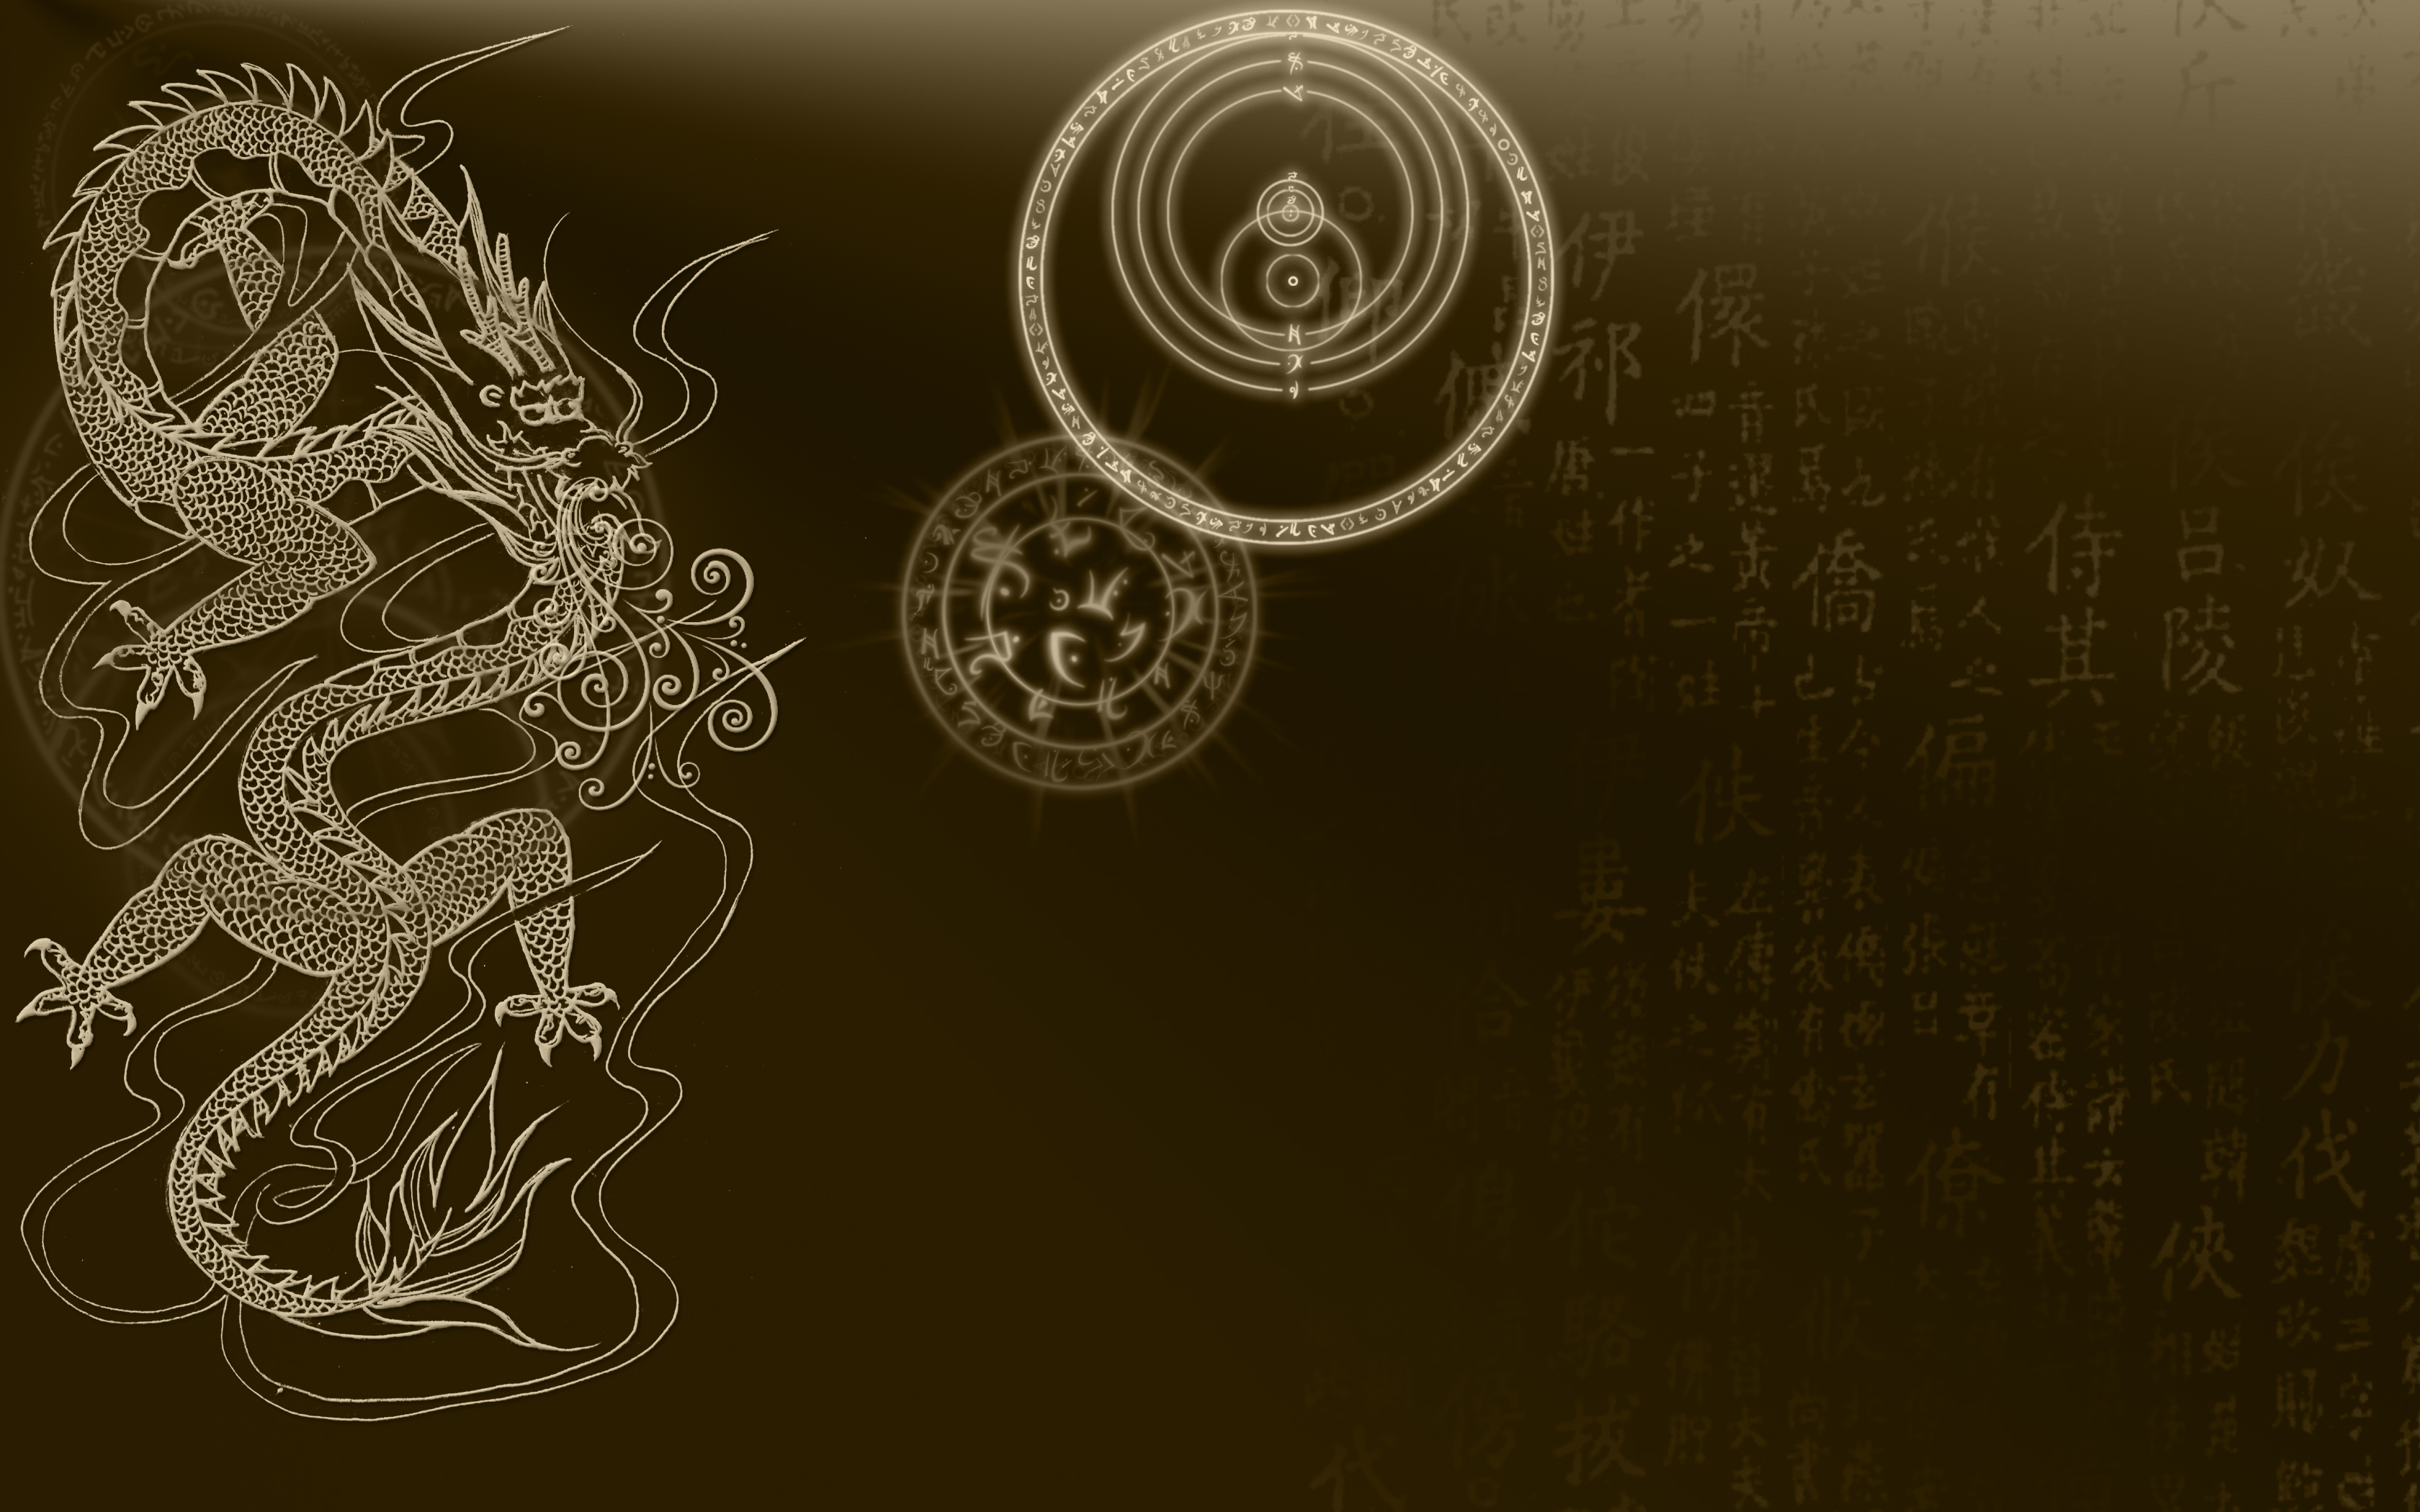 73 Chinese Dragon Wallpaper On Wallpapersafari